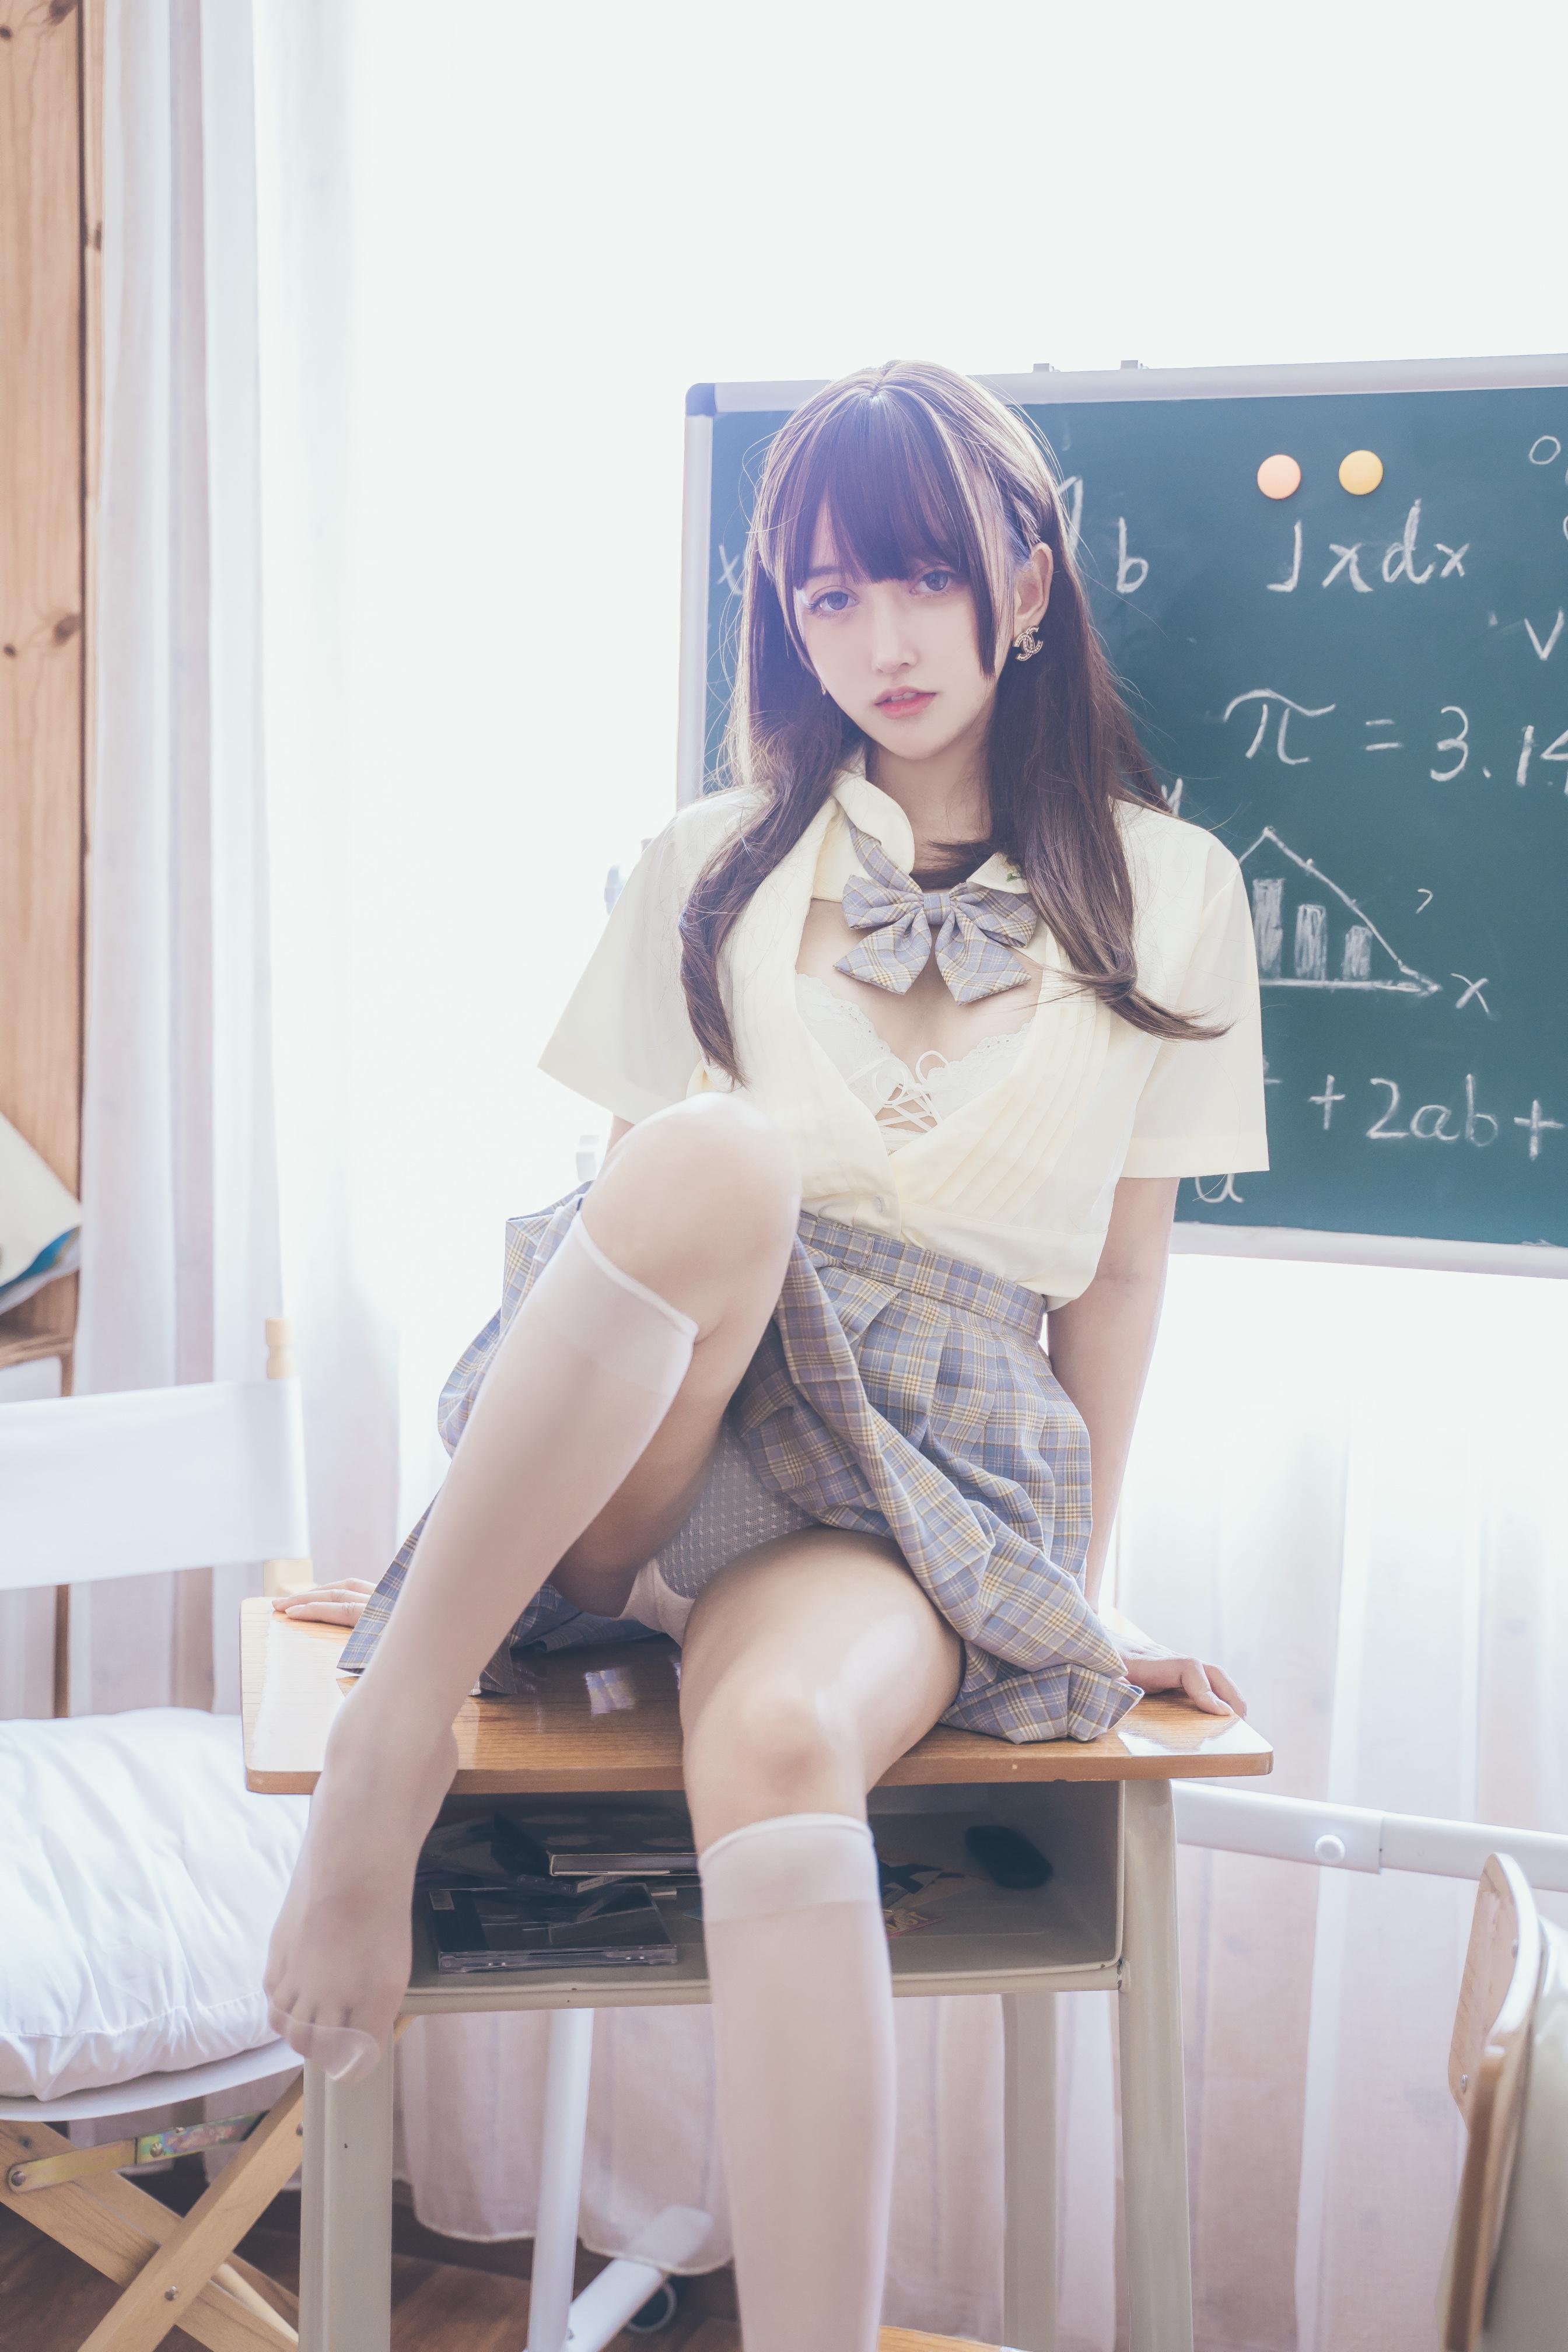 过期米线线喵教室写真,做你的同桌可以吗